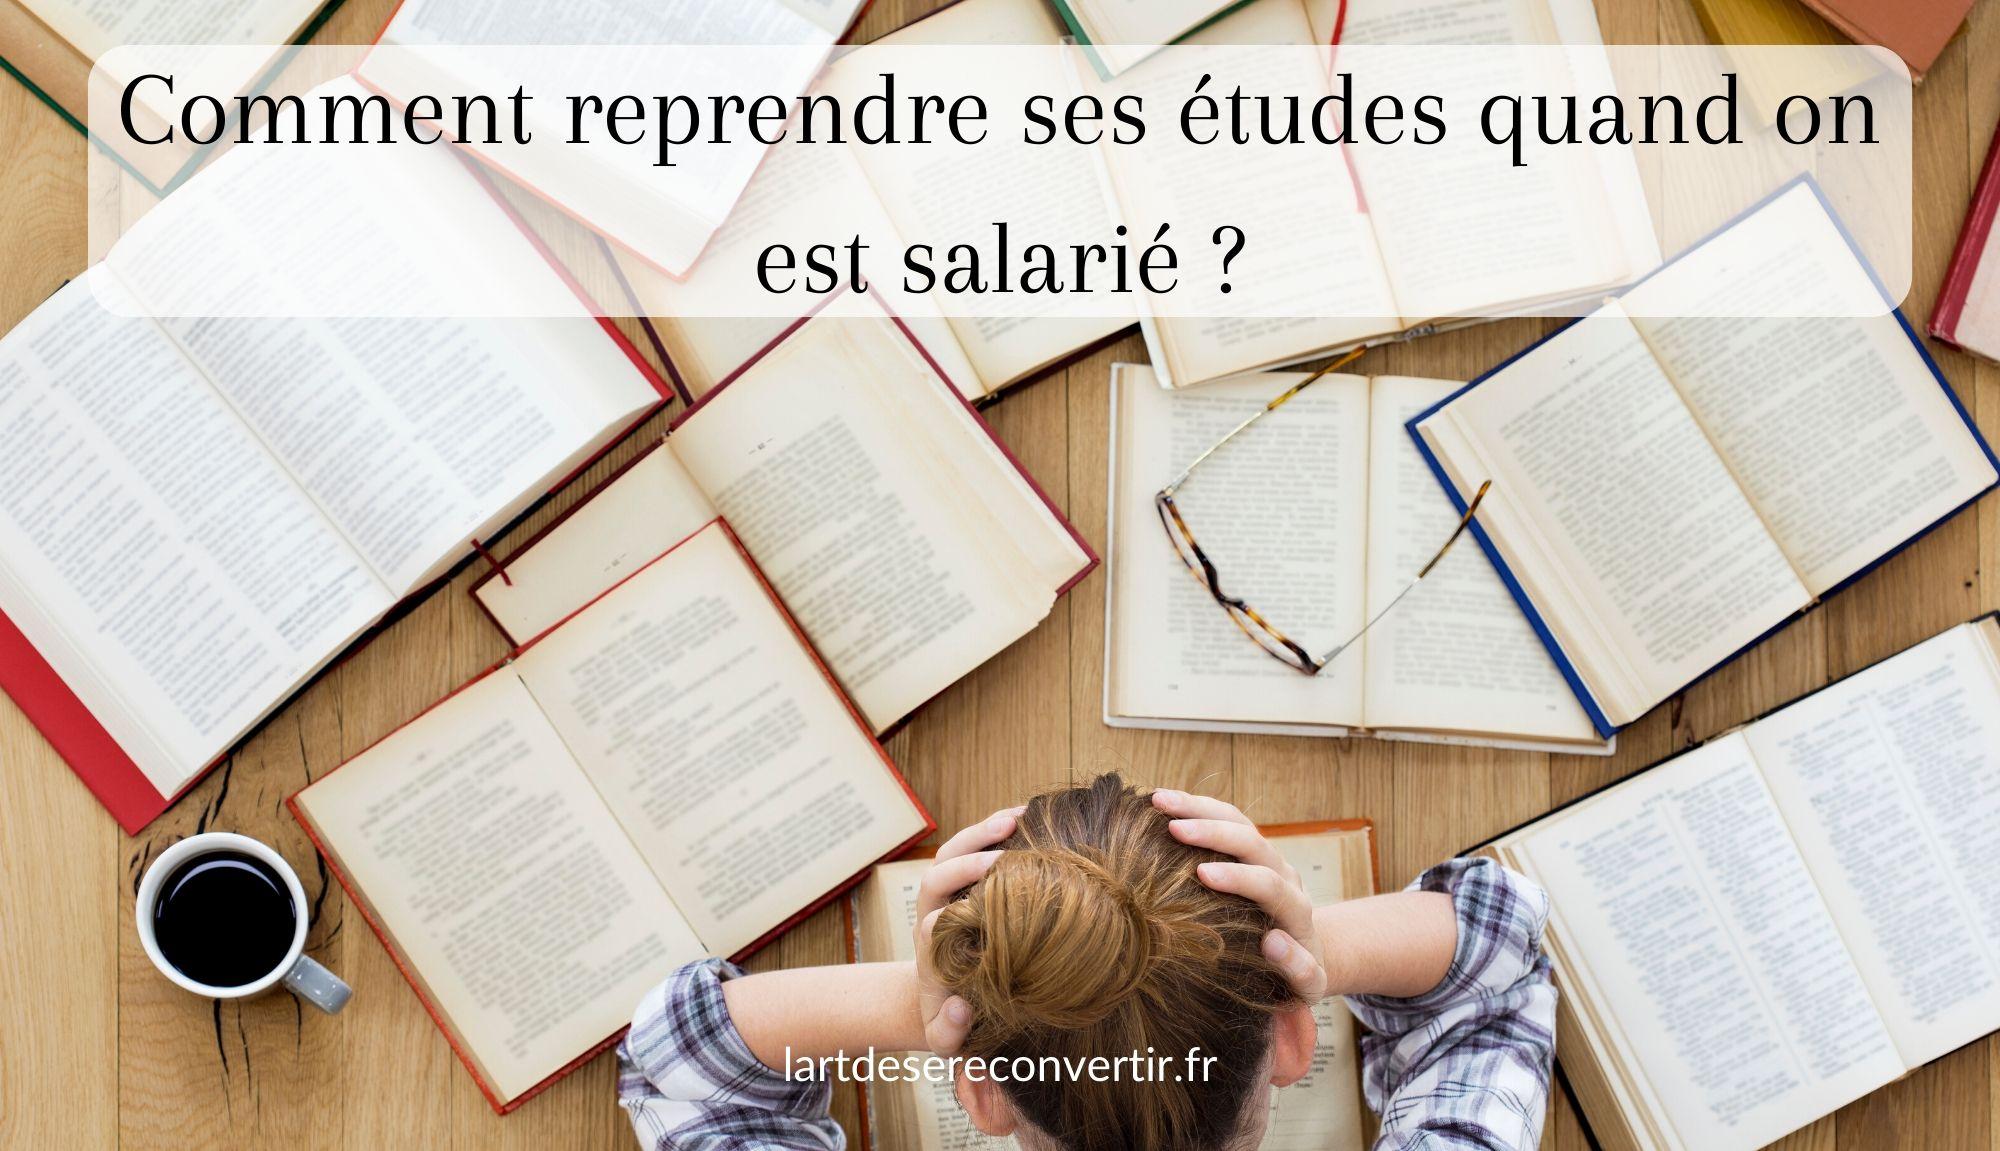 Comment reprendre ses études quand on est salarié